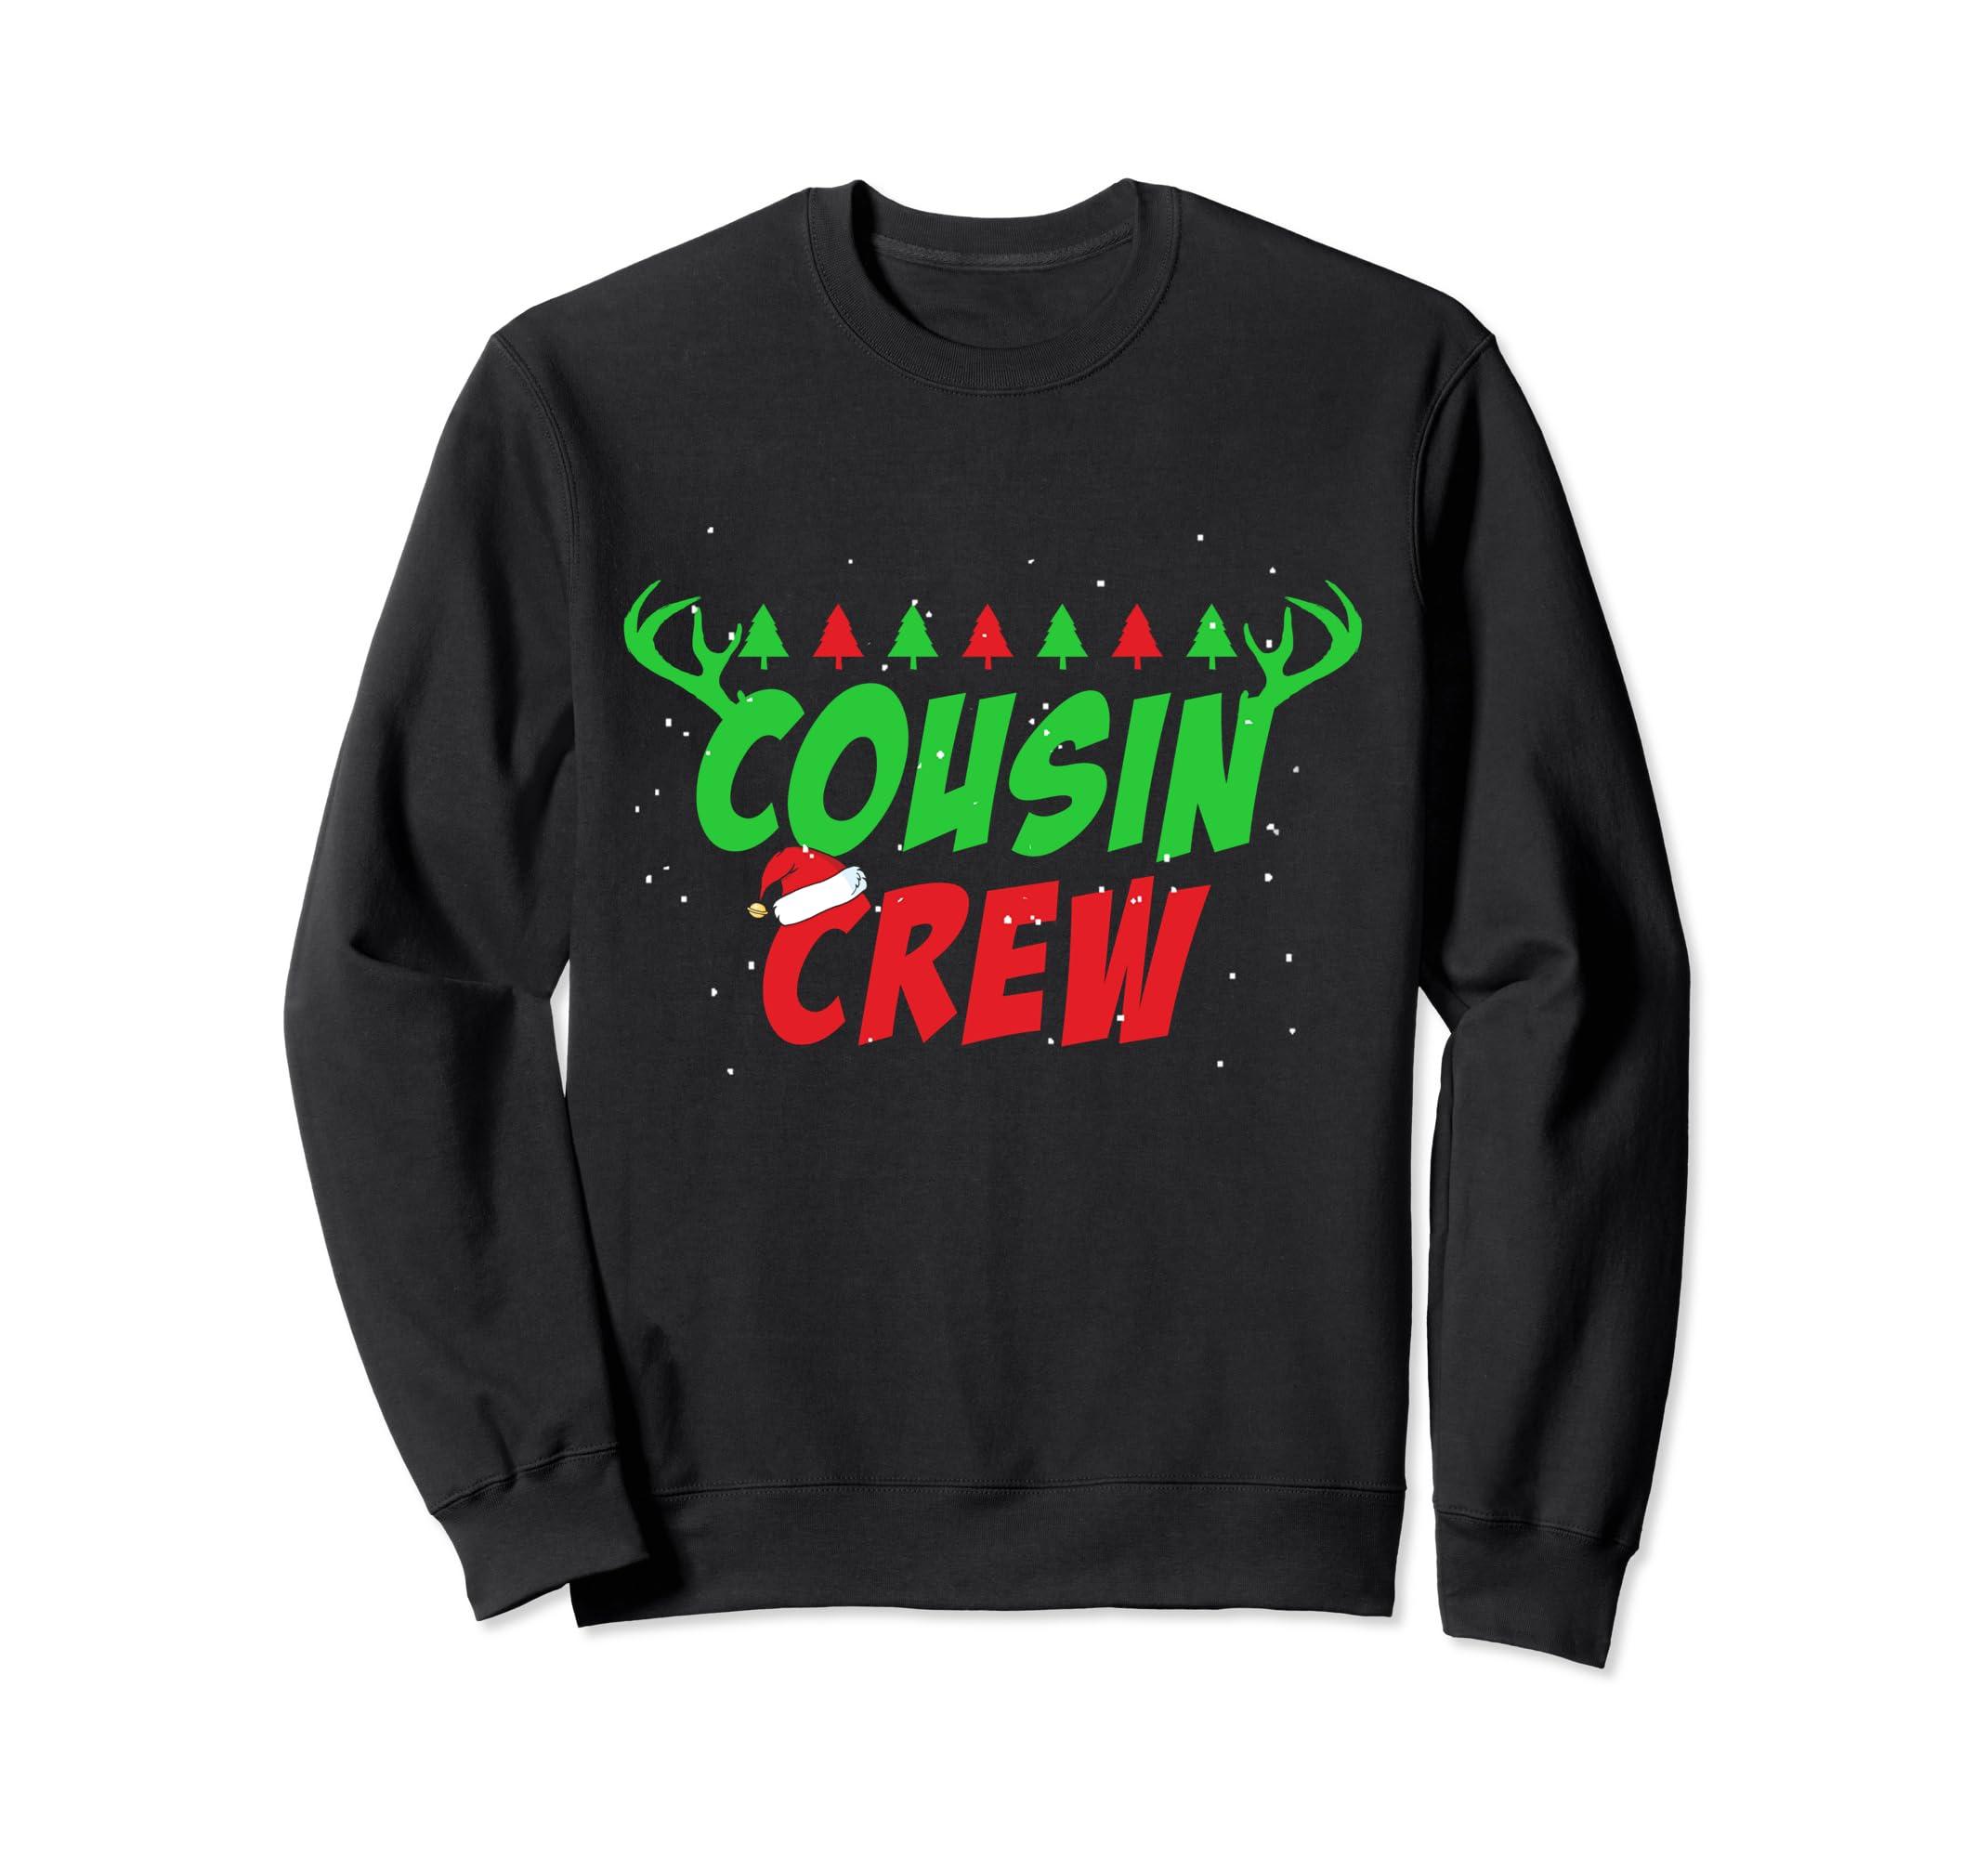 Cousin Crew ELF Sweatshirt Gift Family Matching Christmas Ug-SFL